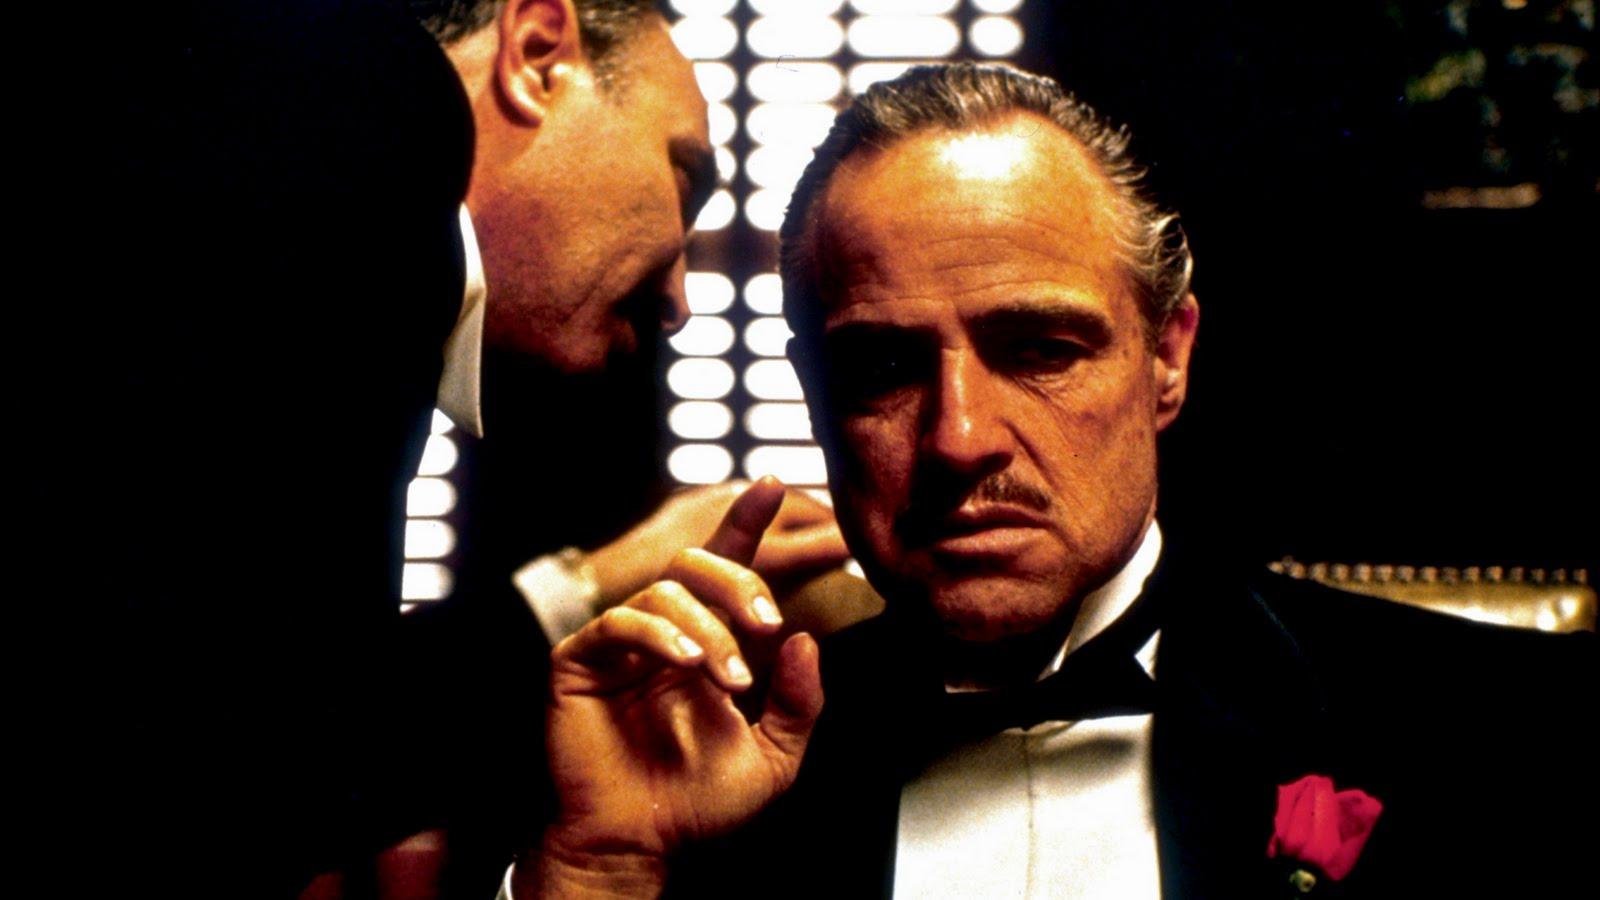 http://4.bp.blogspot.com/-uIY44O420RQ/TwNjmzOzXUI/AAAAAAAAIqg/QAt4K9cKMx8/s1600/godfather1.jpg